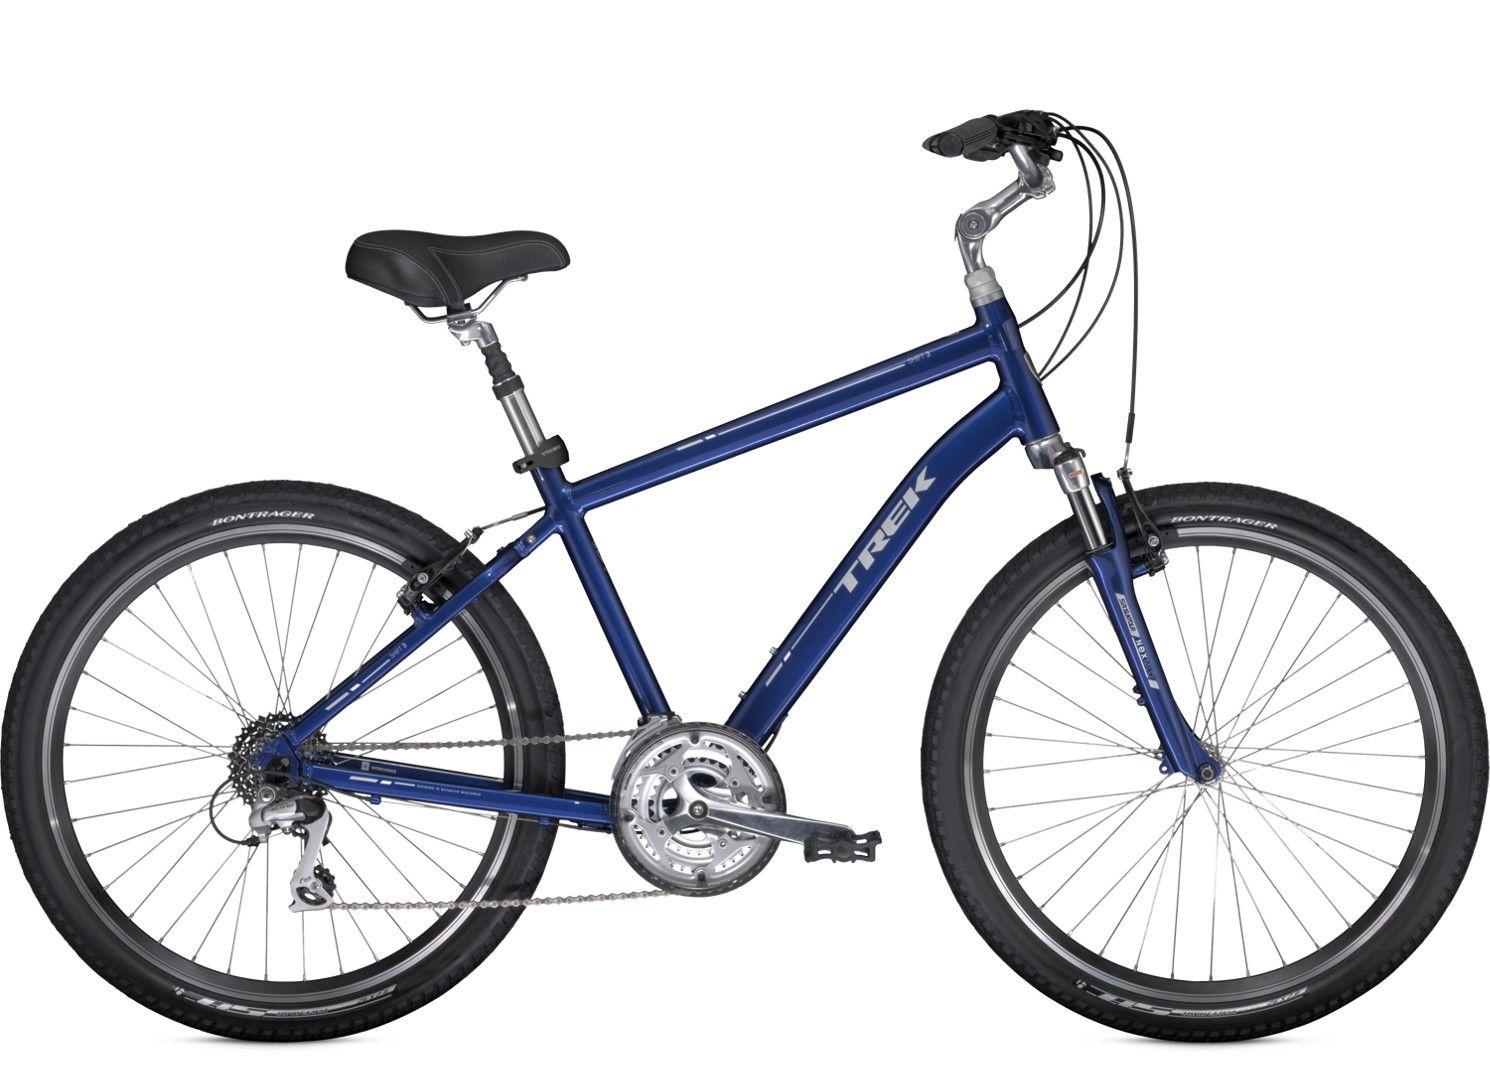 Велосипед Trek SHIFT 1 2016,  Городские  - артикул:265849